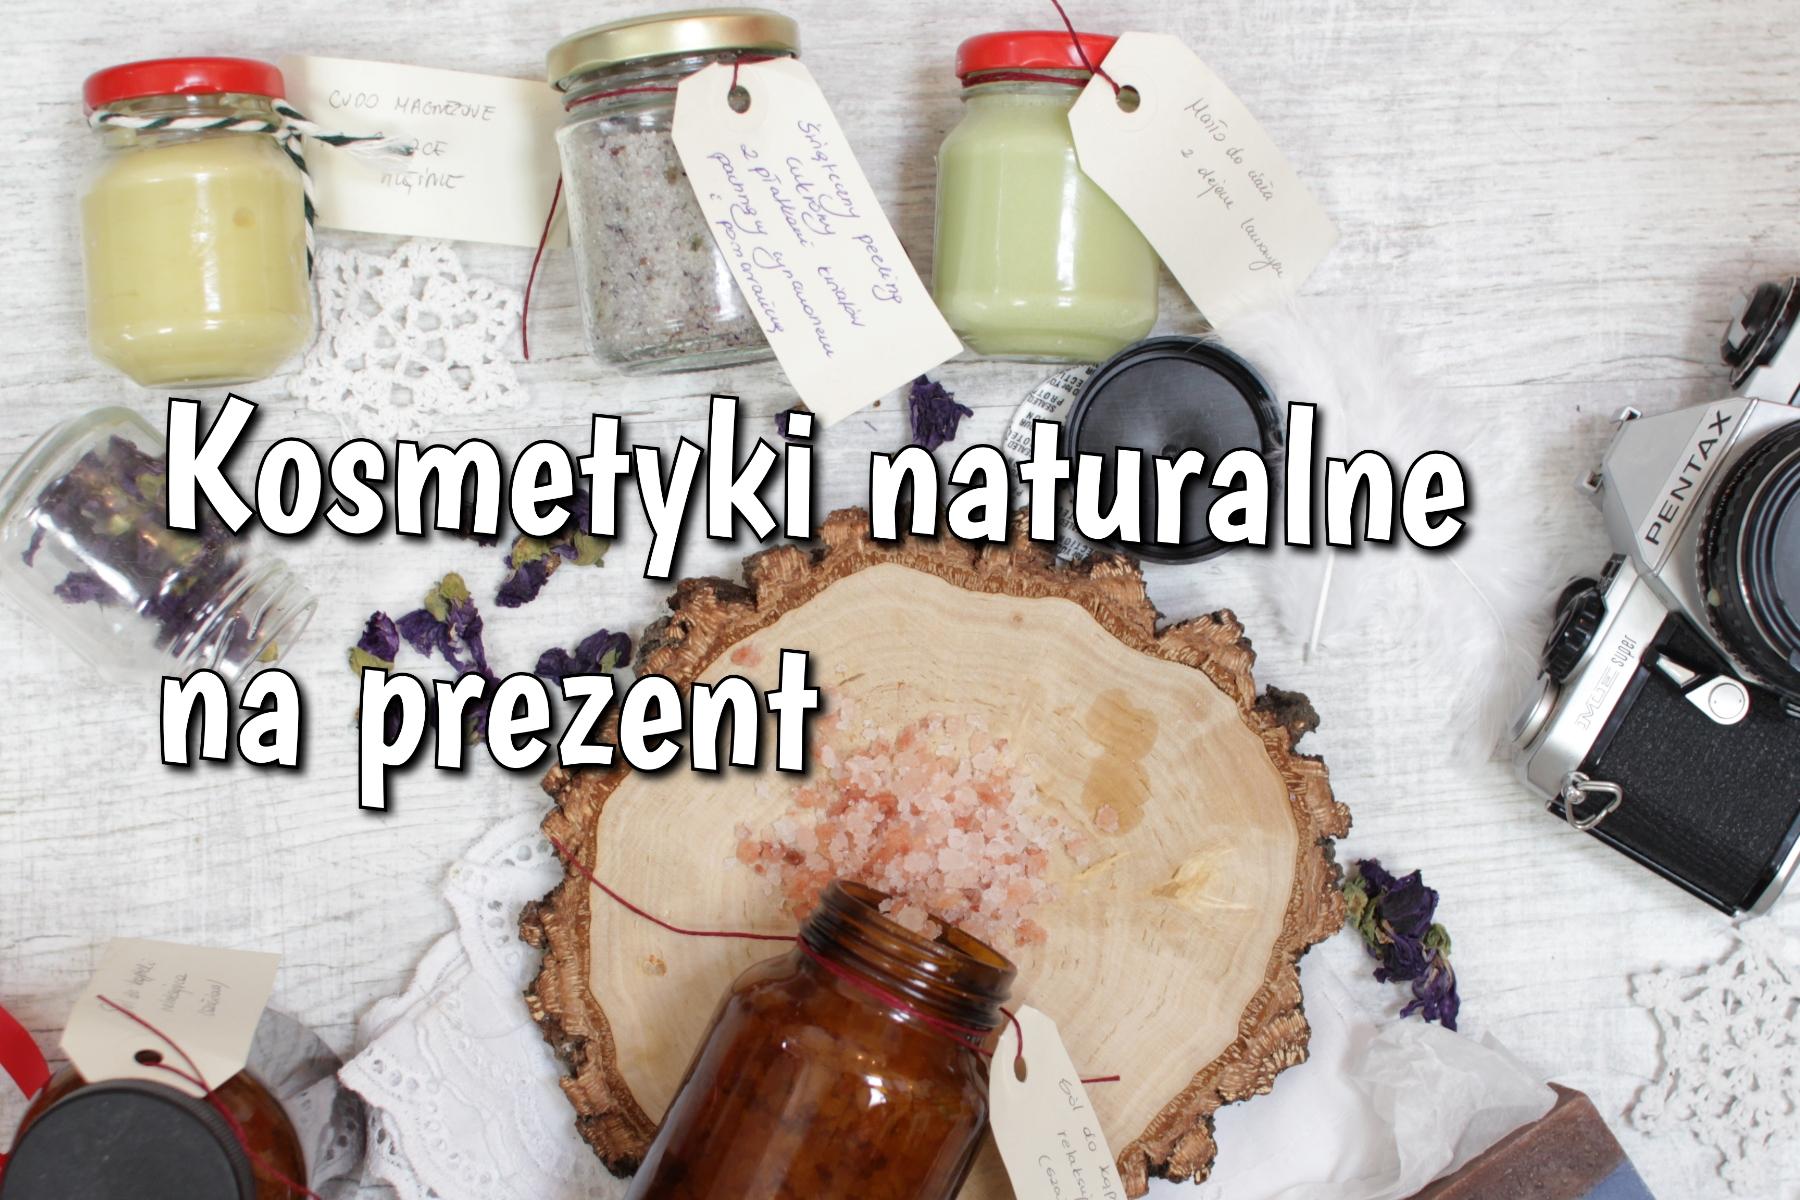 Kosmetyki naturalne na prezent